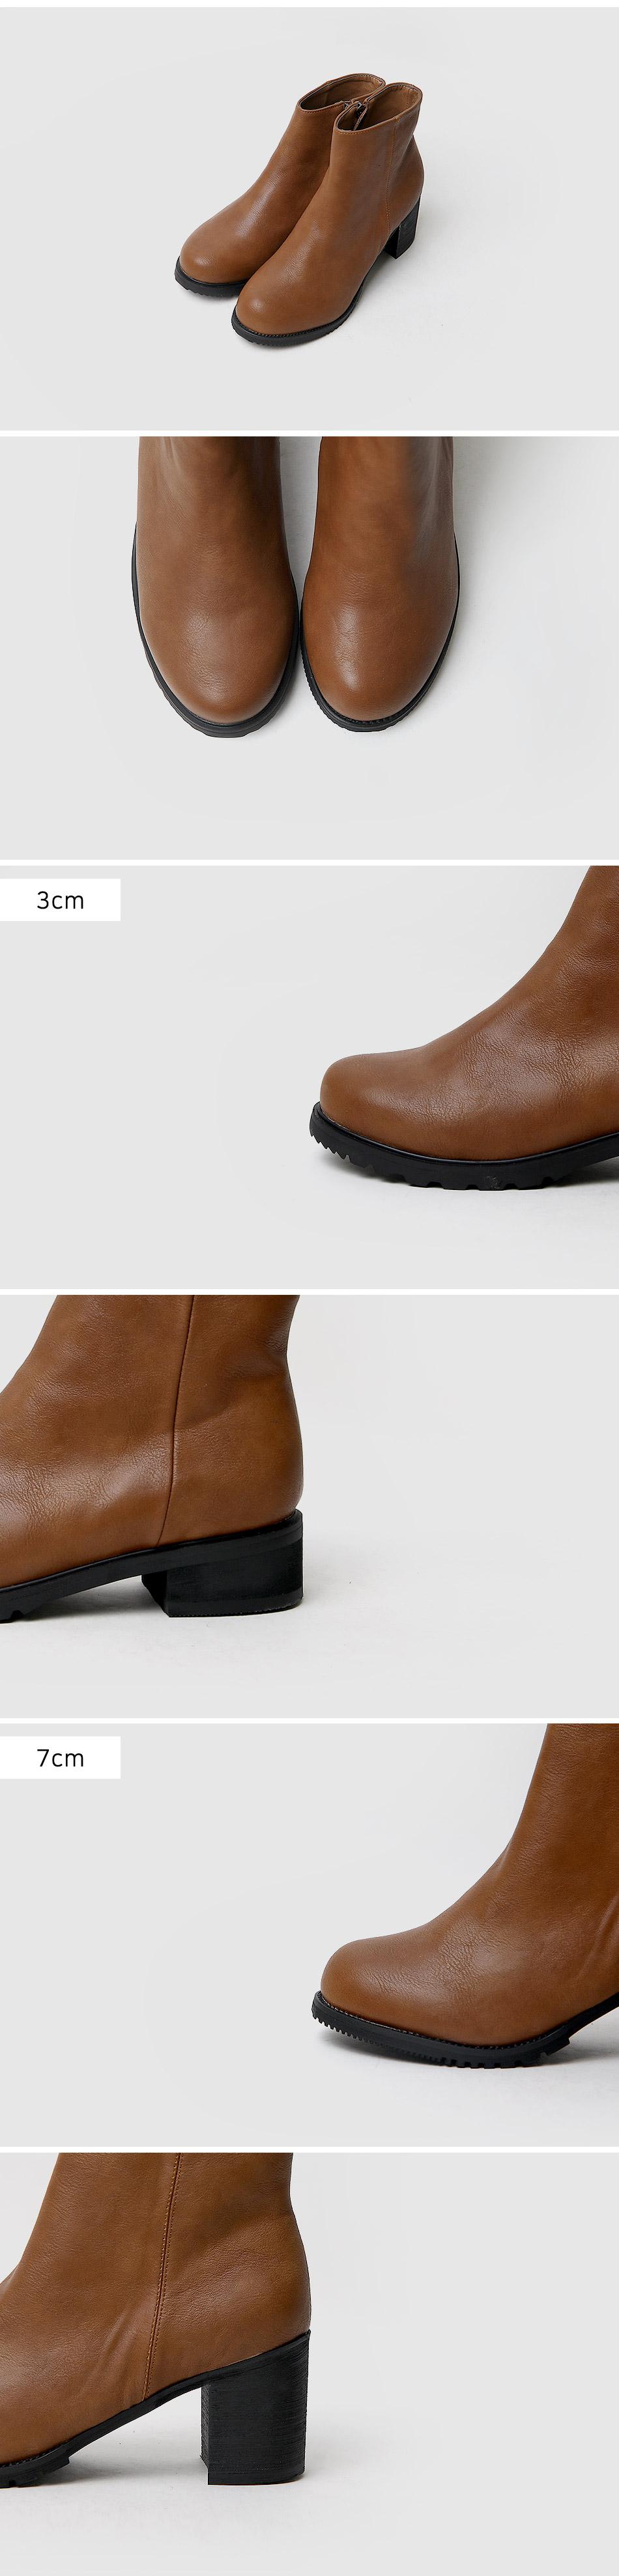 Vient Ankle Boots 3,7cm